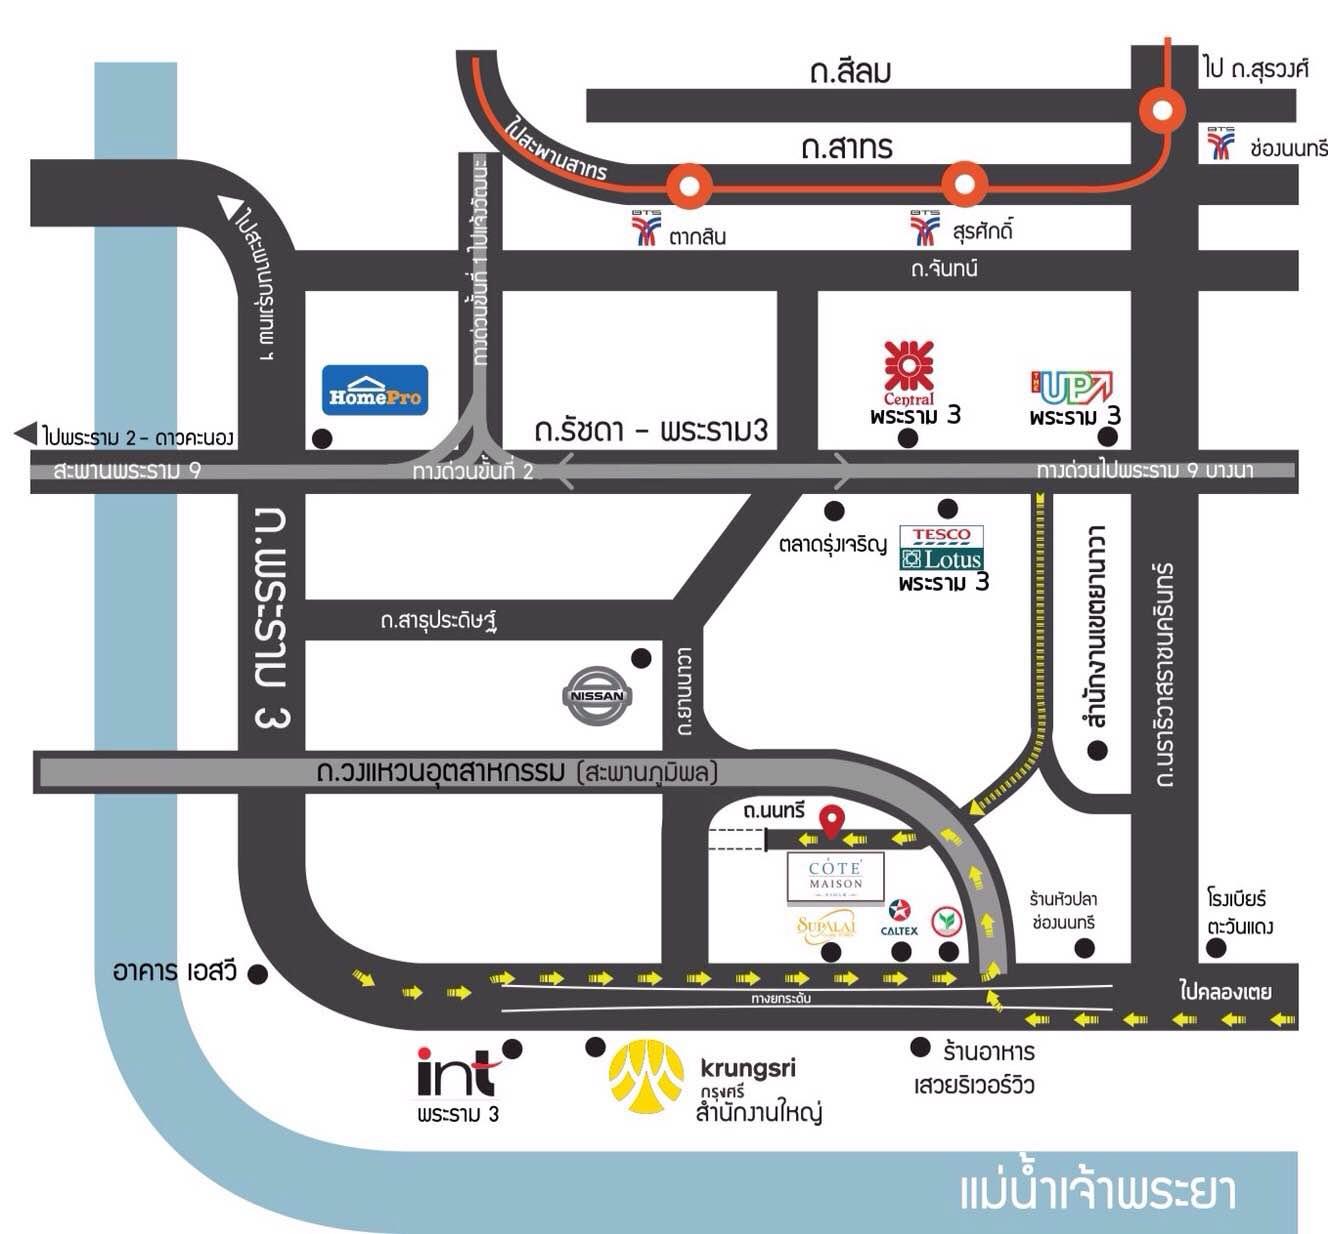 cote-maison-rama3-map